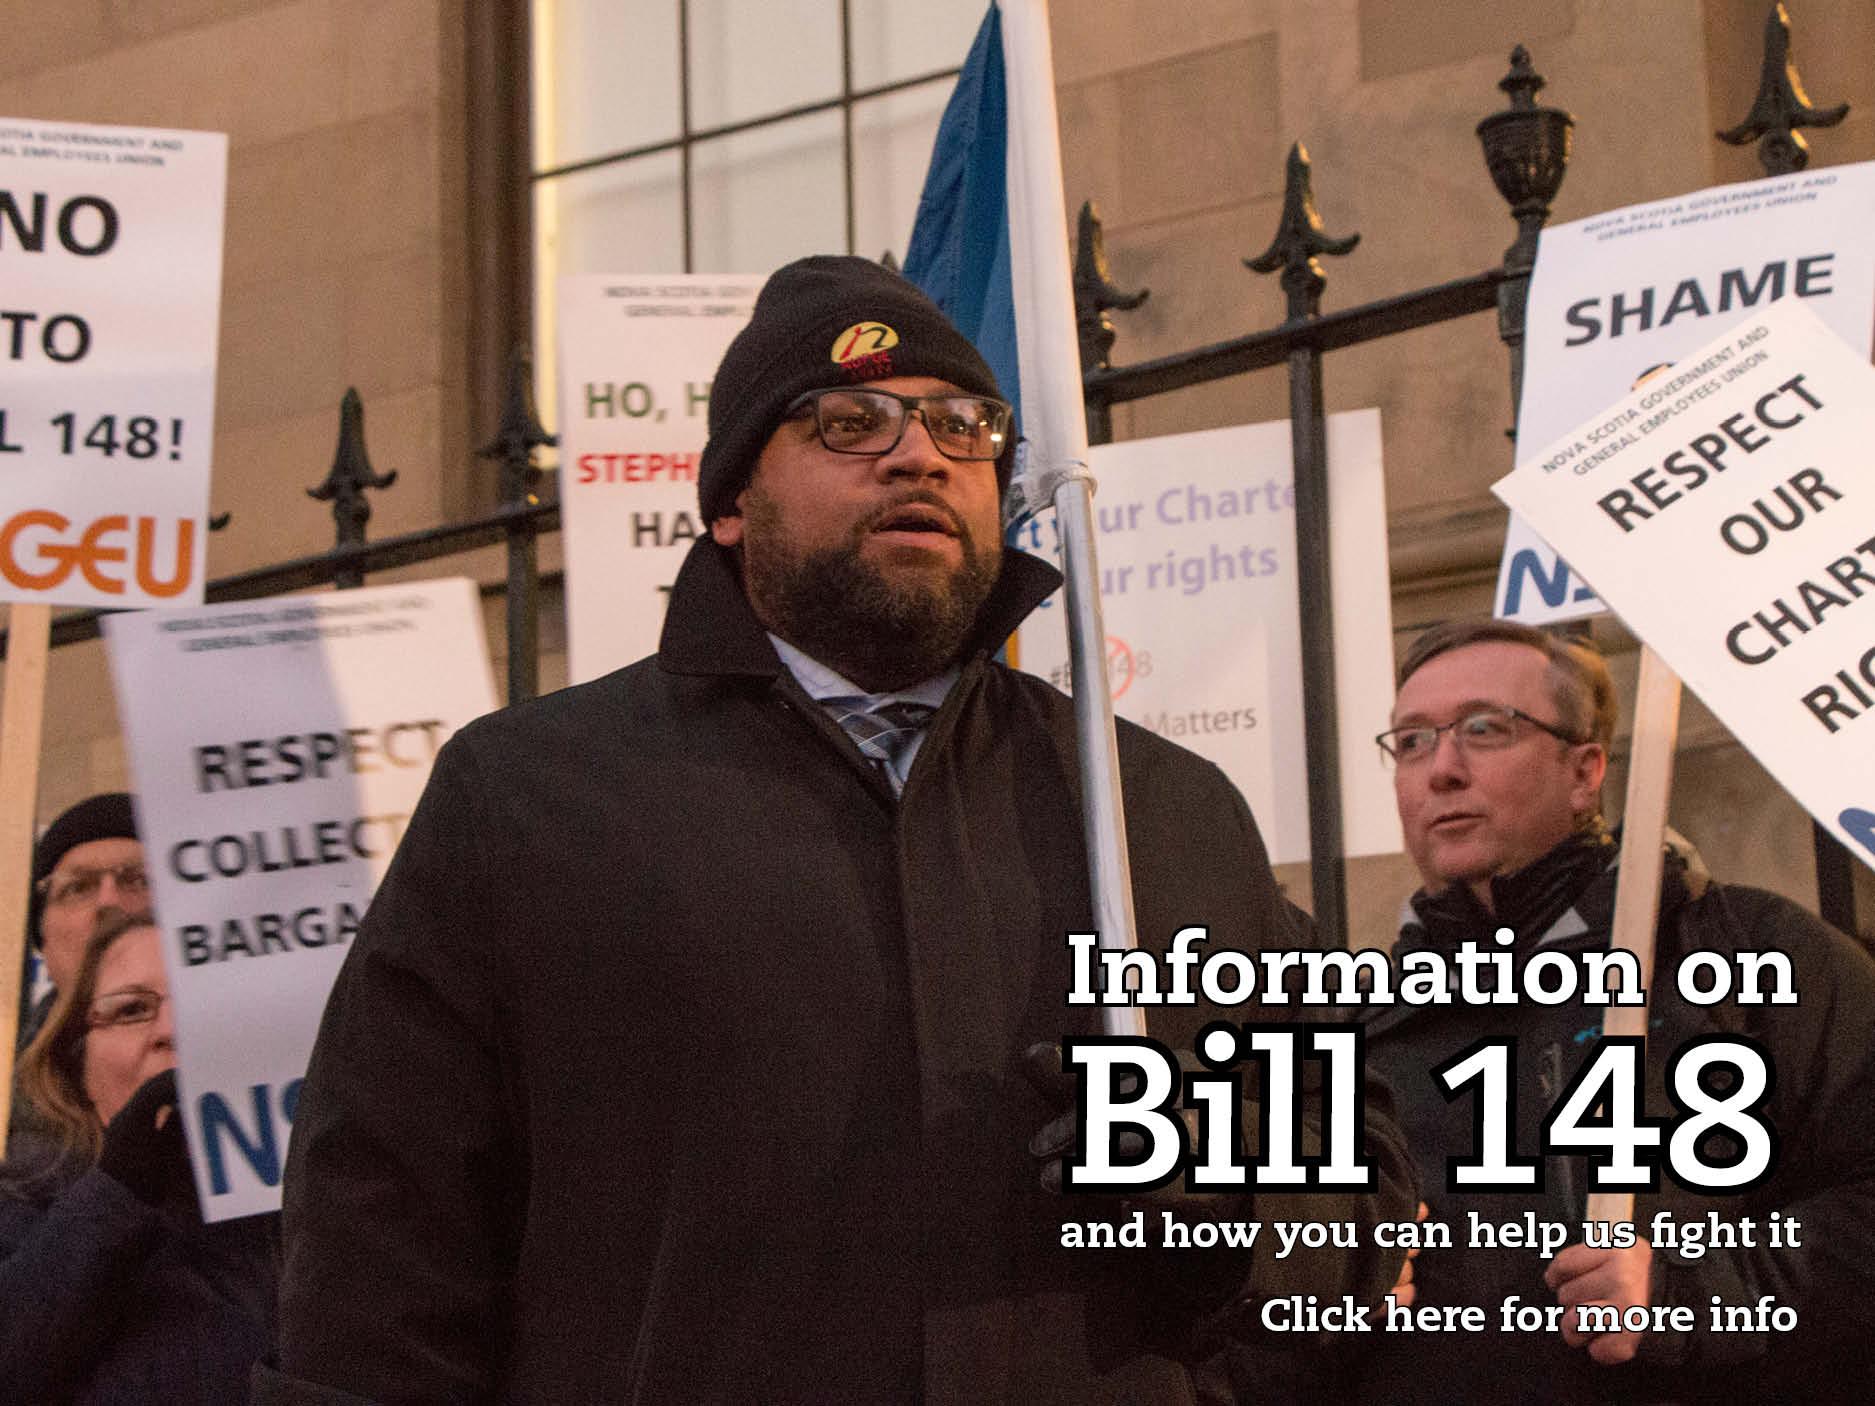 Bill148